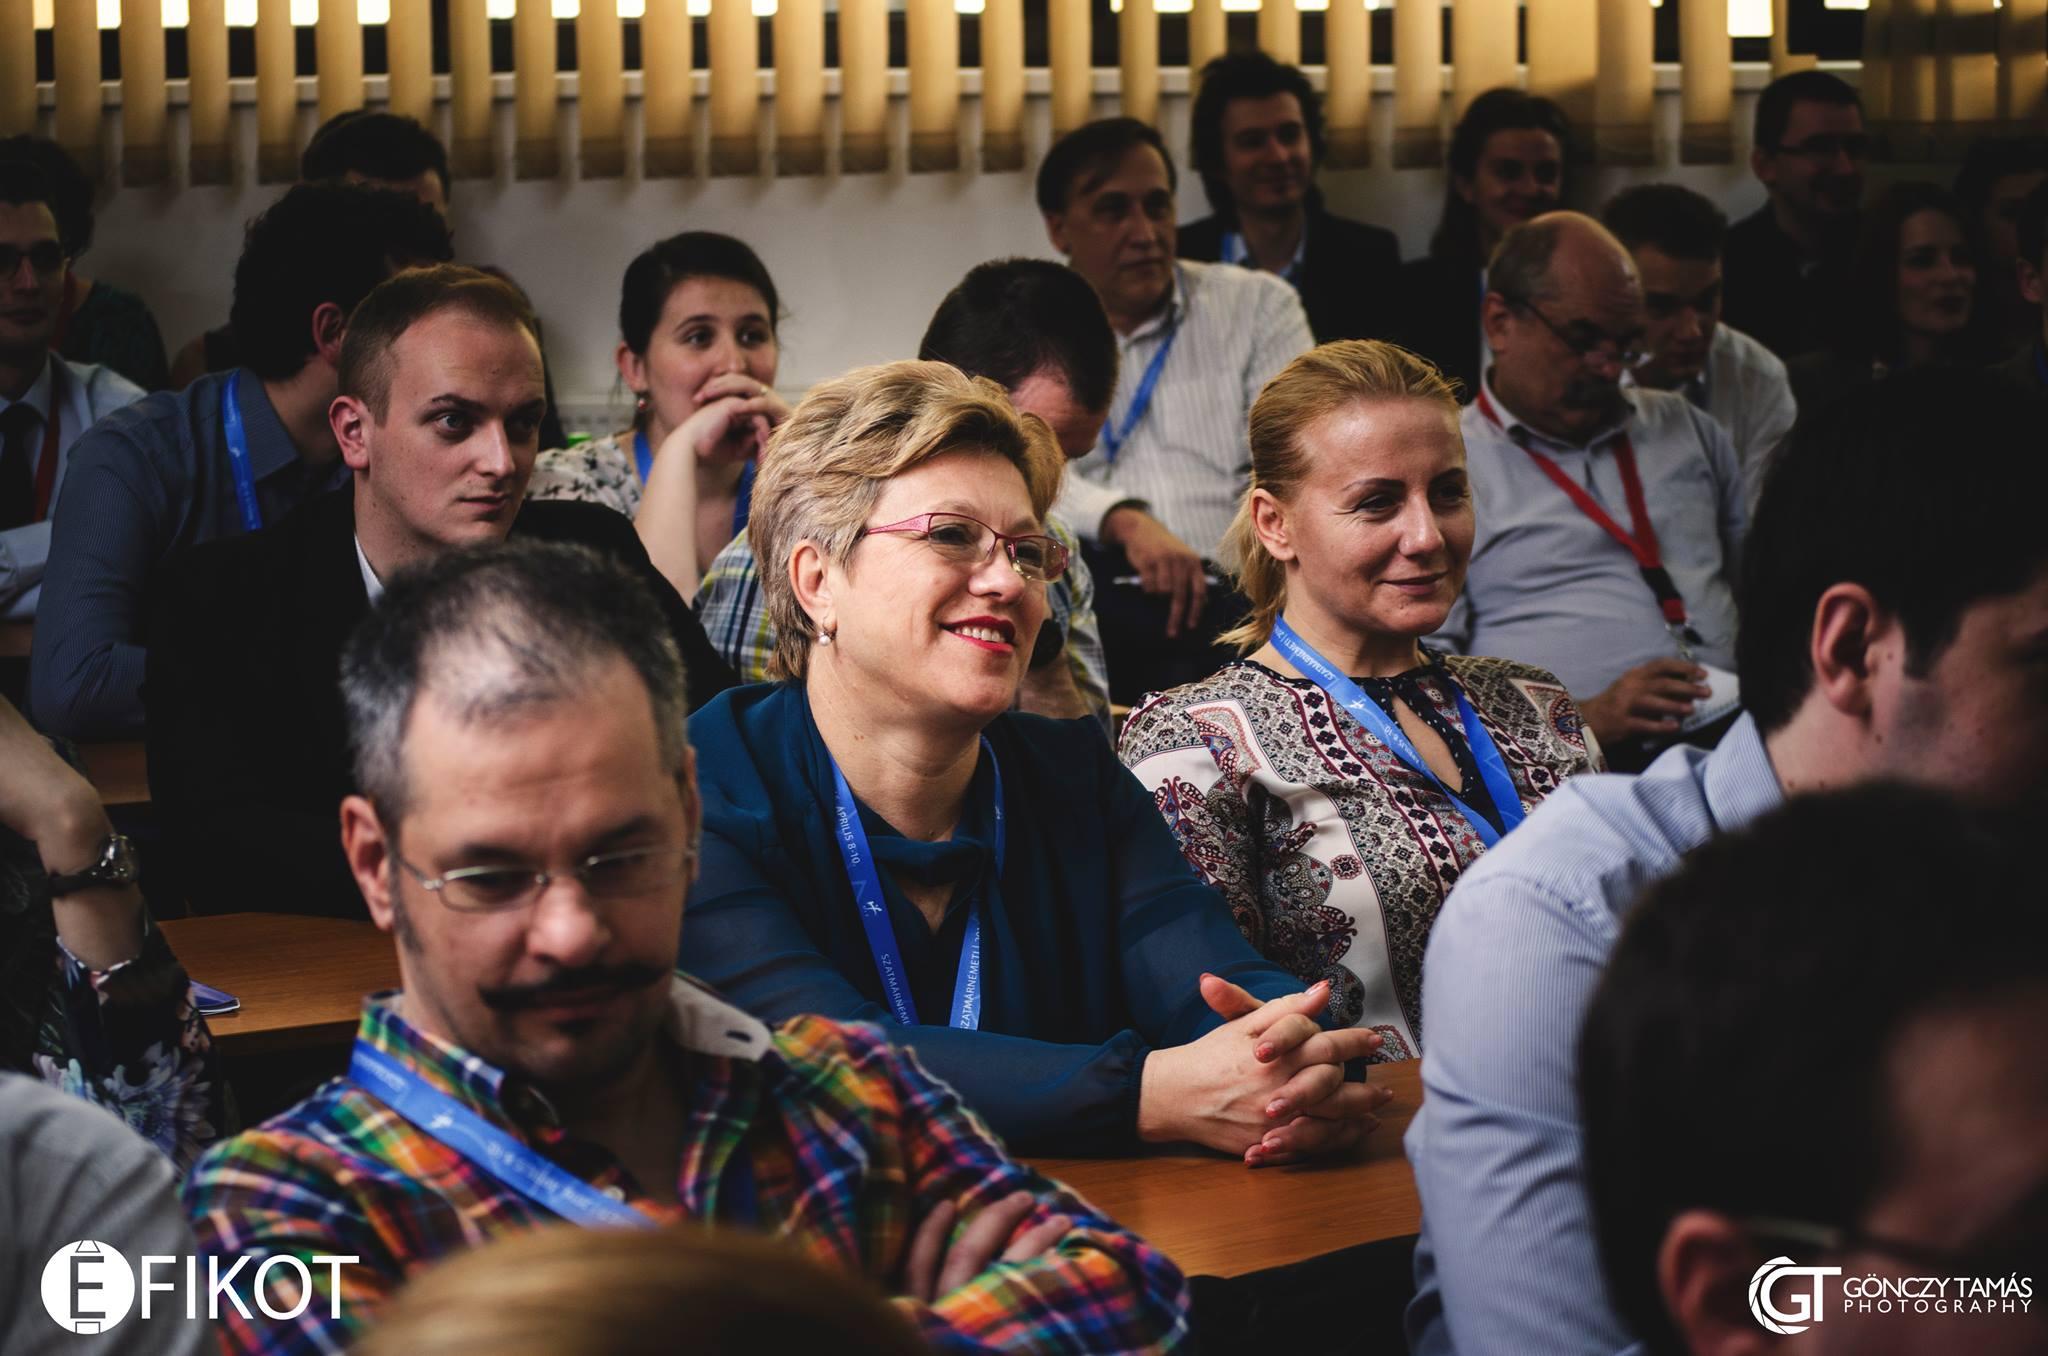 Cselekvő módon fejlődni – hogyan válaszolt idén az EFIKOT az új generáció kérdéseire?